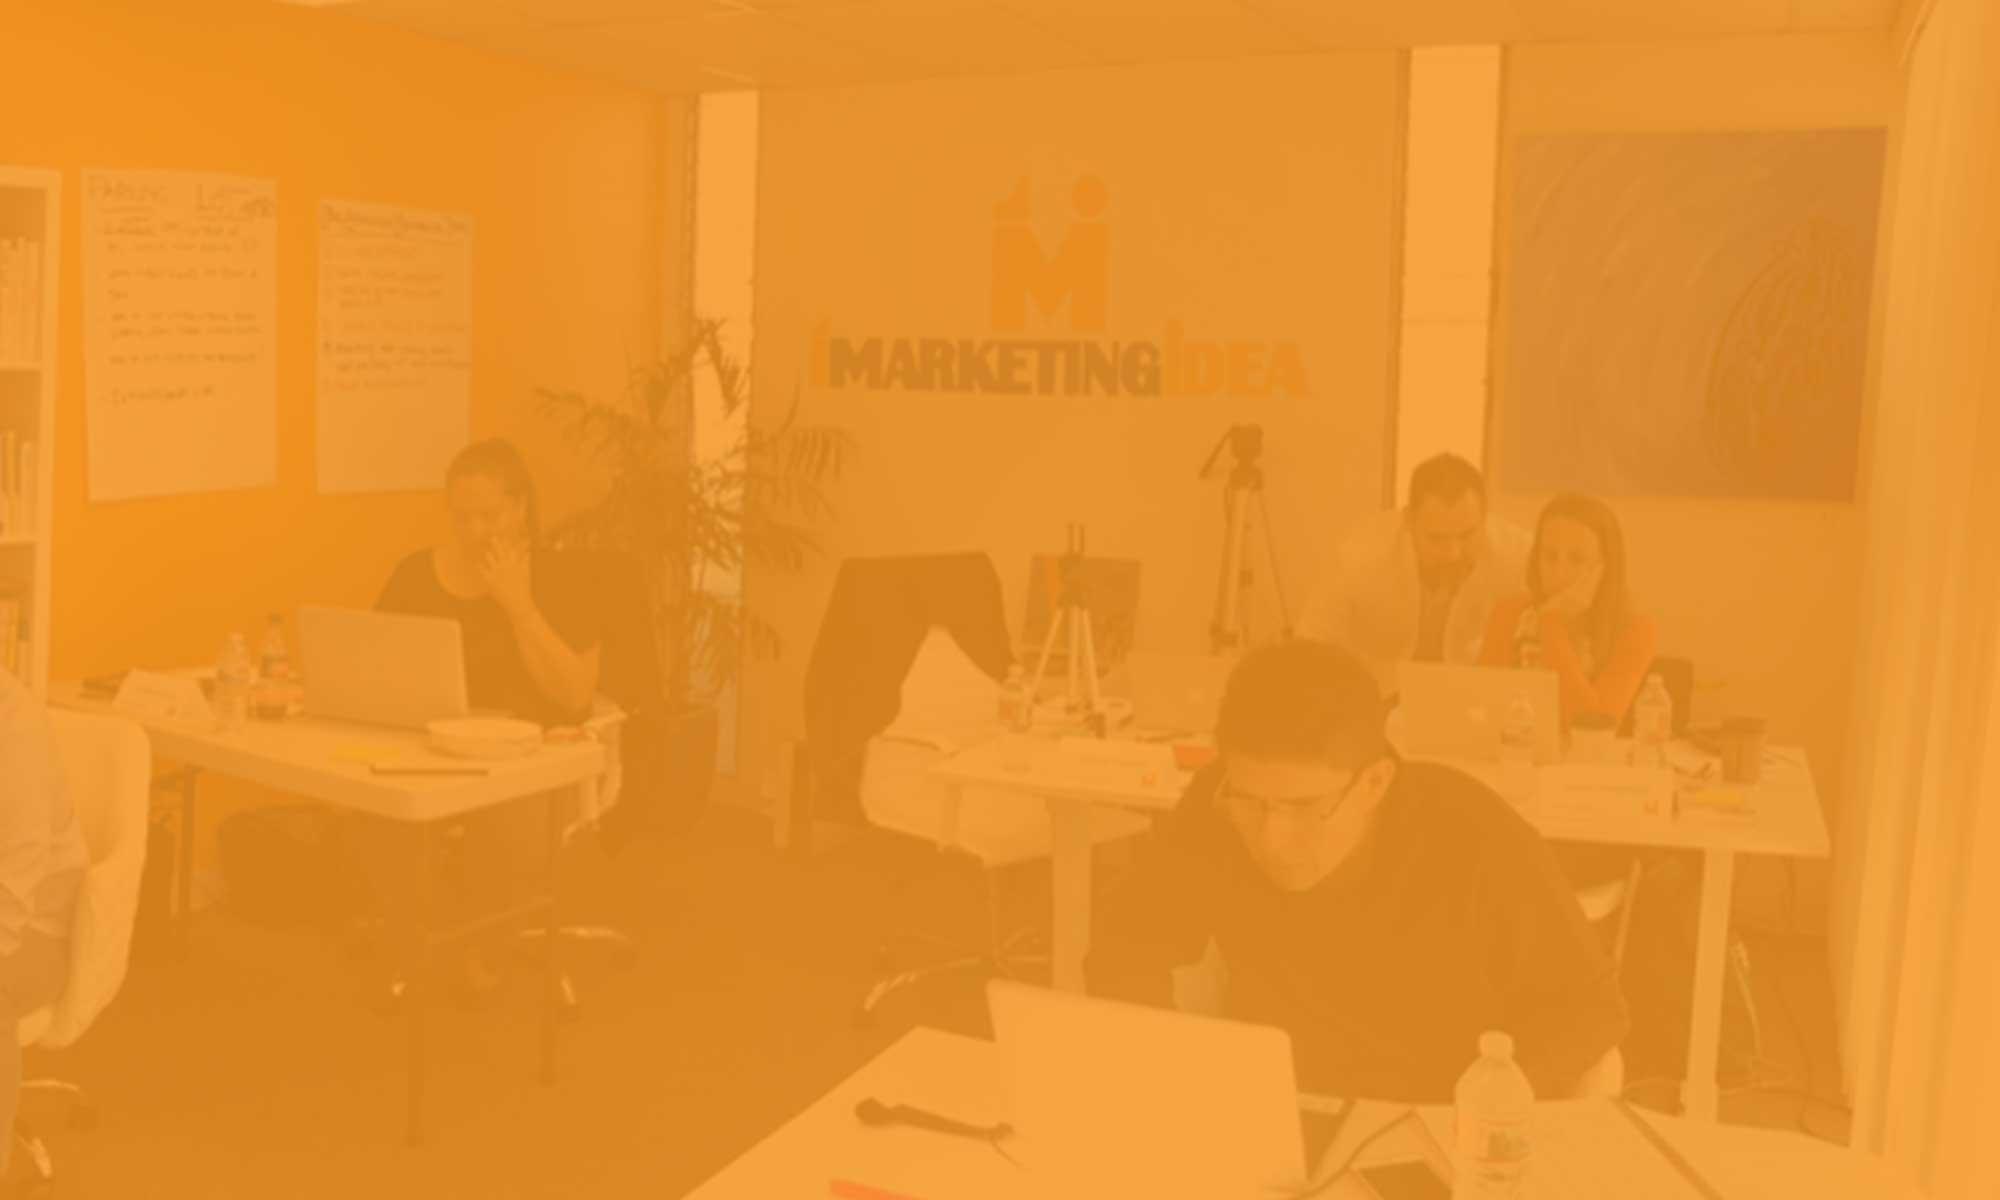 1marketingidea_a social media experience agency